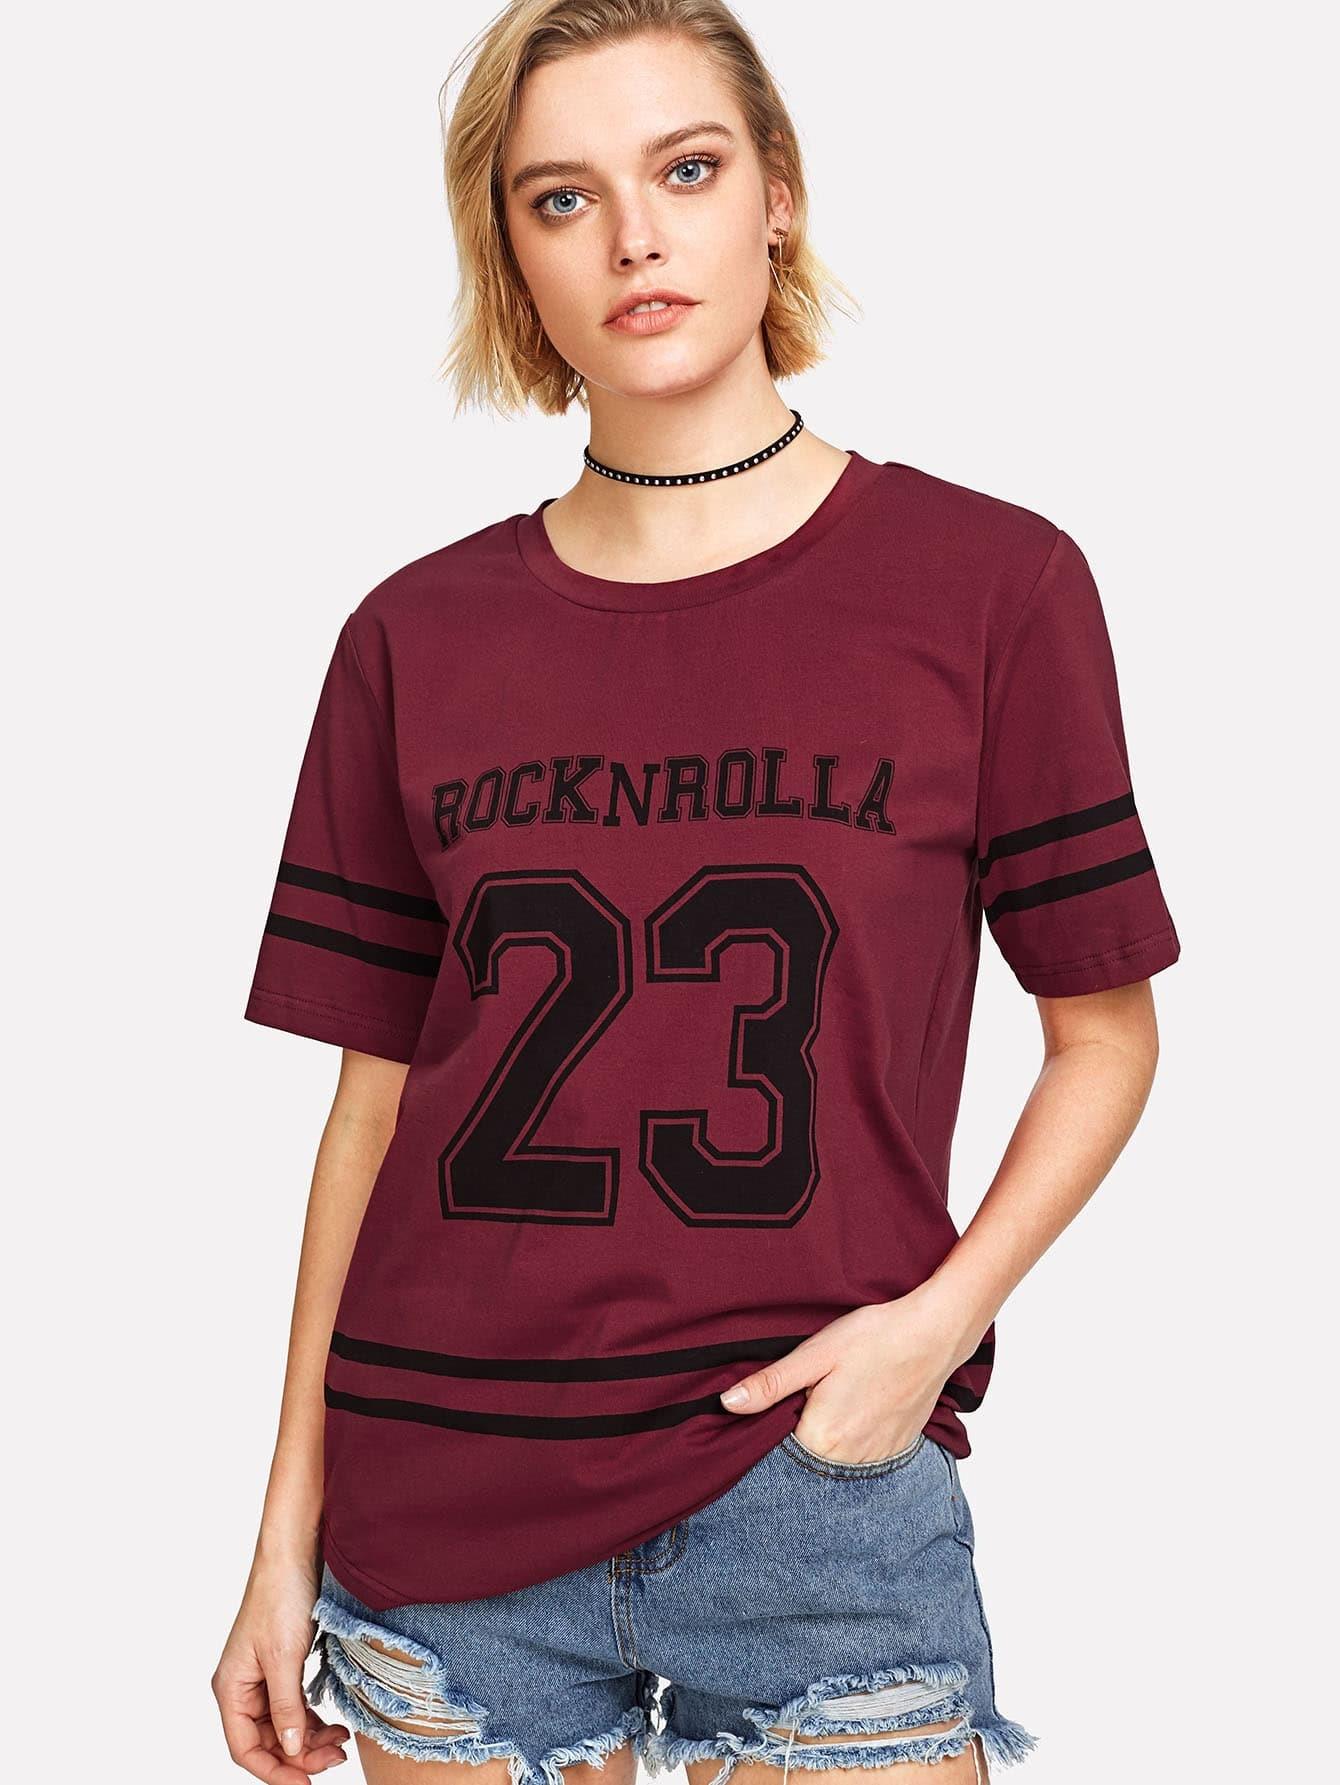 Varsity Print Curved Hem T-shirt pocket patch curved hem snake skin print shirt